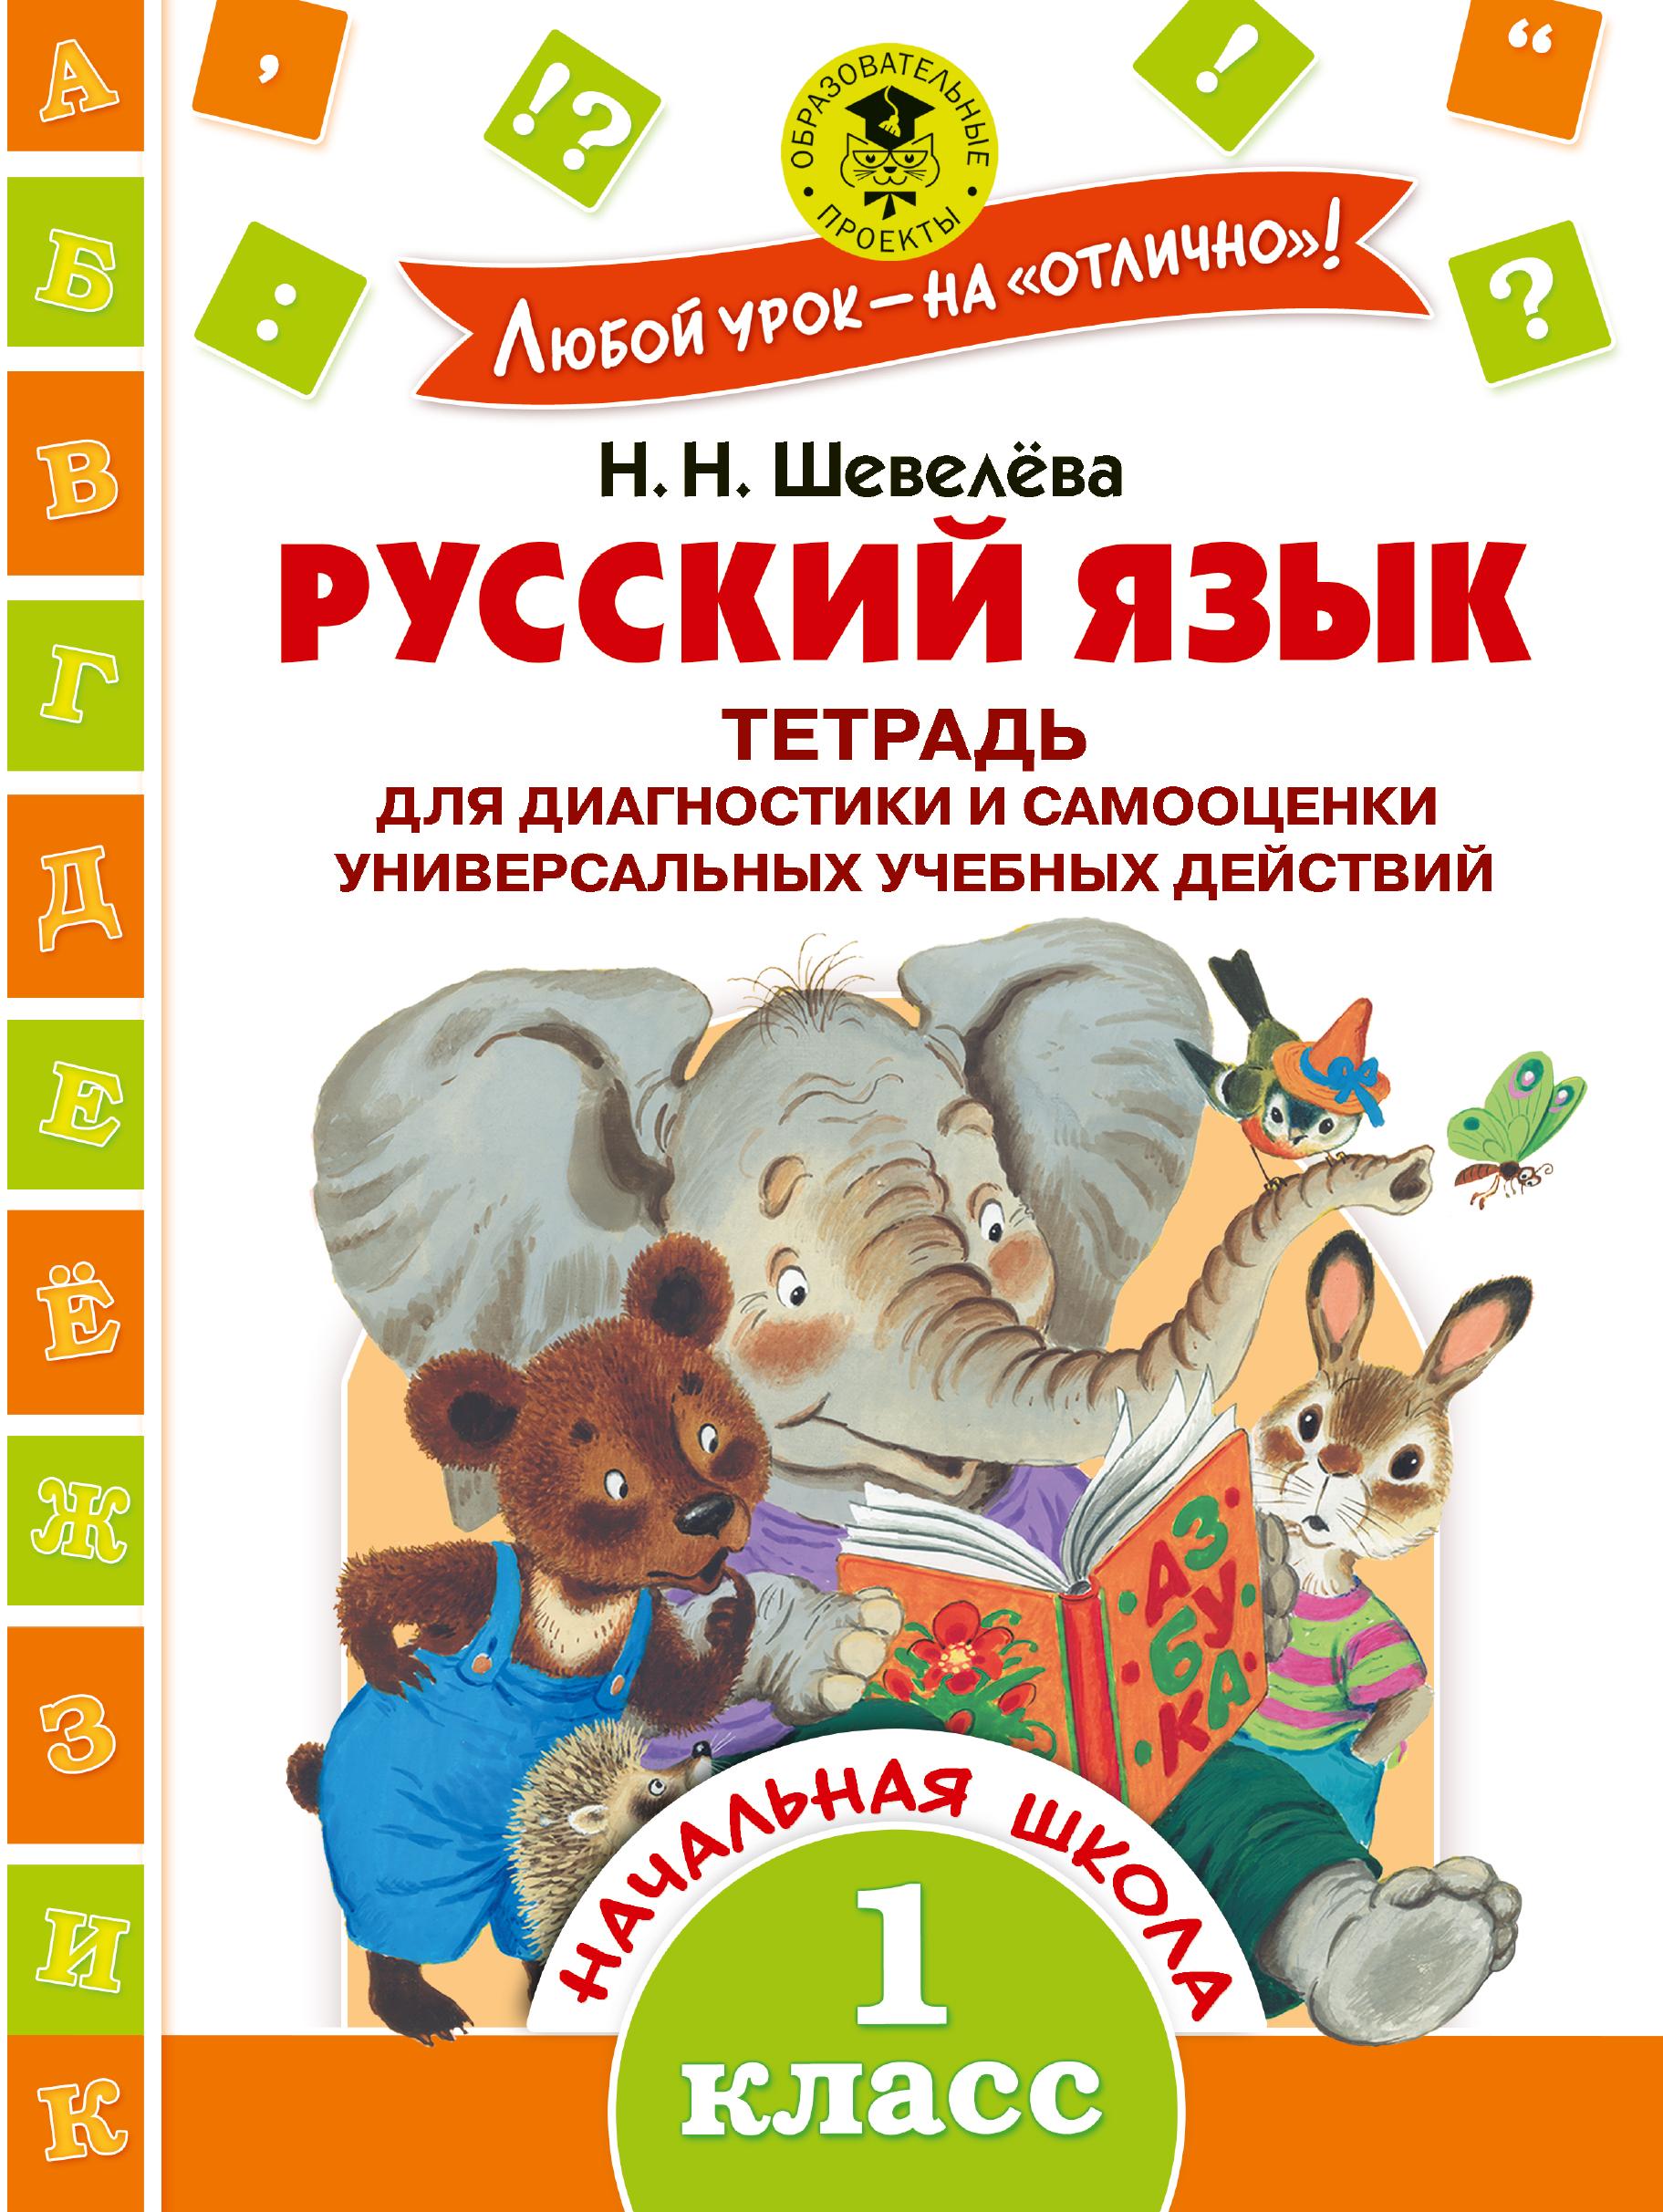 Русский язык. Тетрадь для диагностики и самооценки универсальных учебных действий. 1 класс ( Шевелёва Н.Н.  )